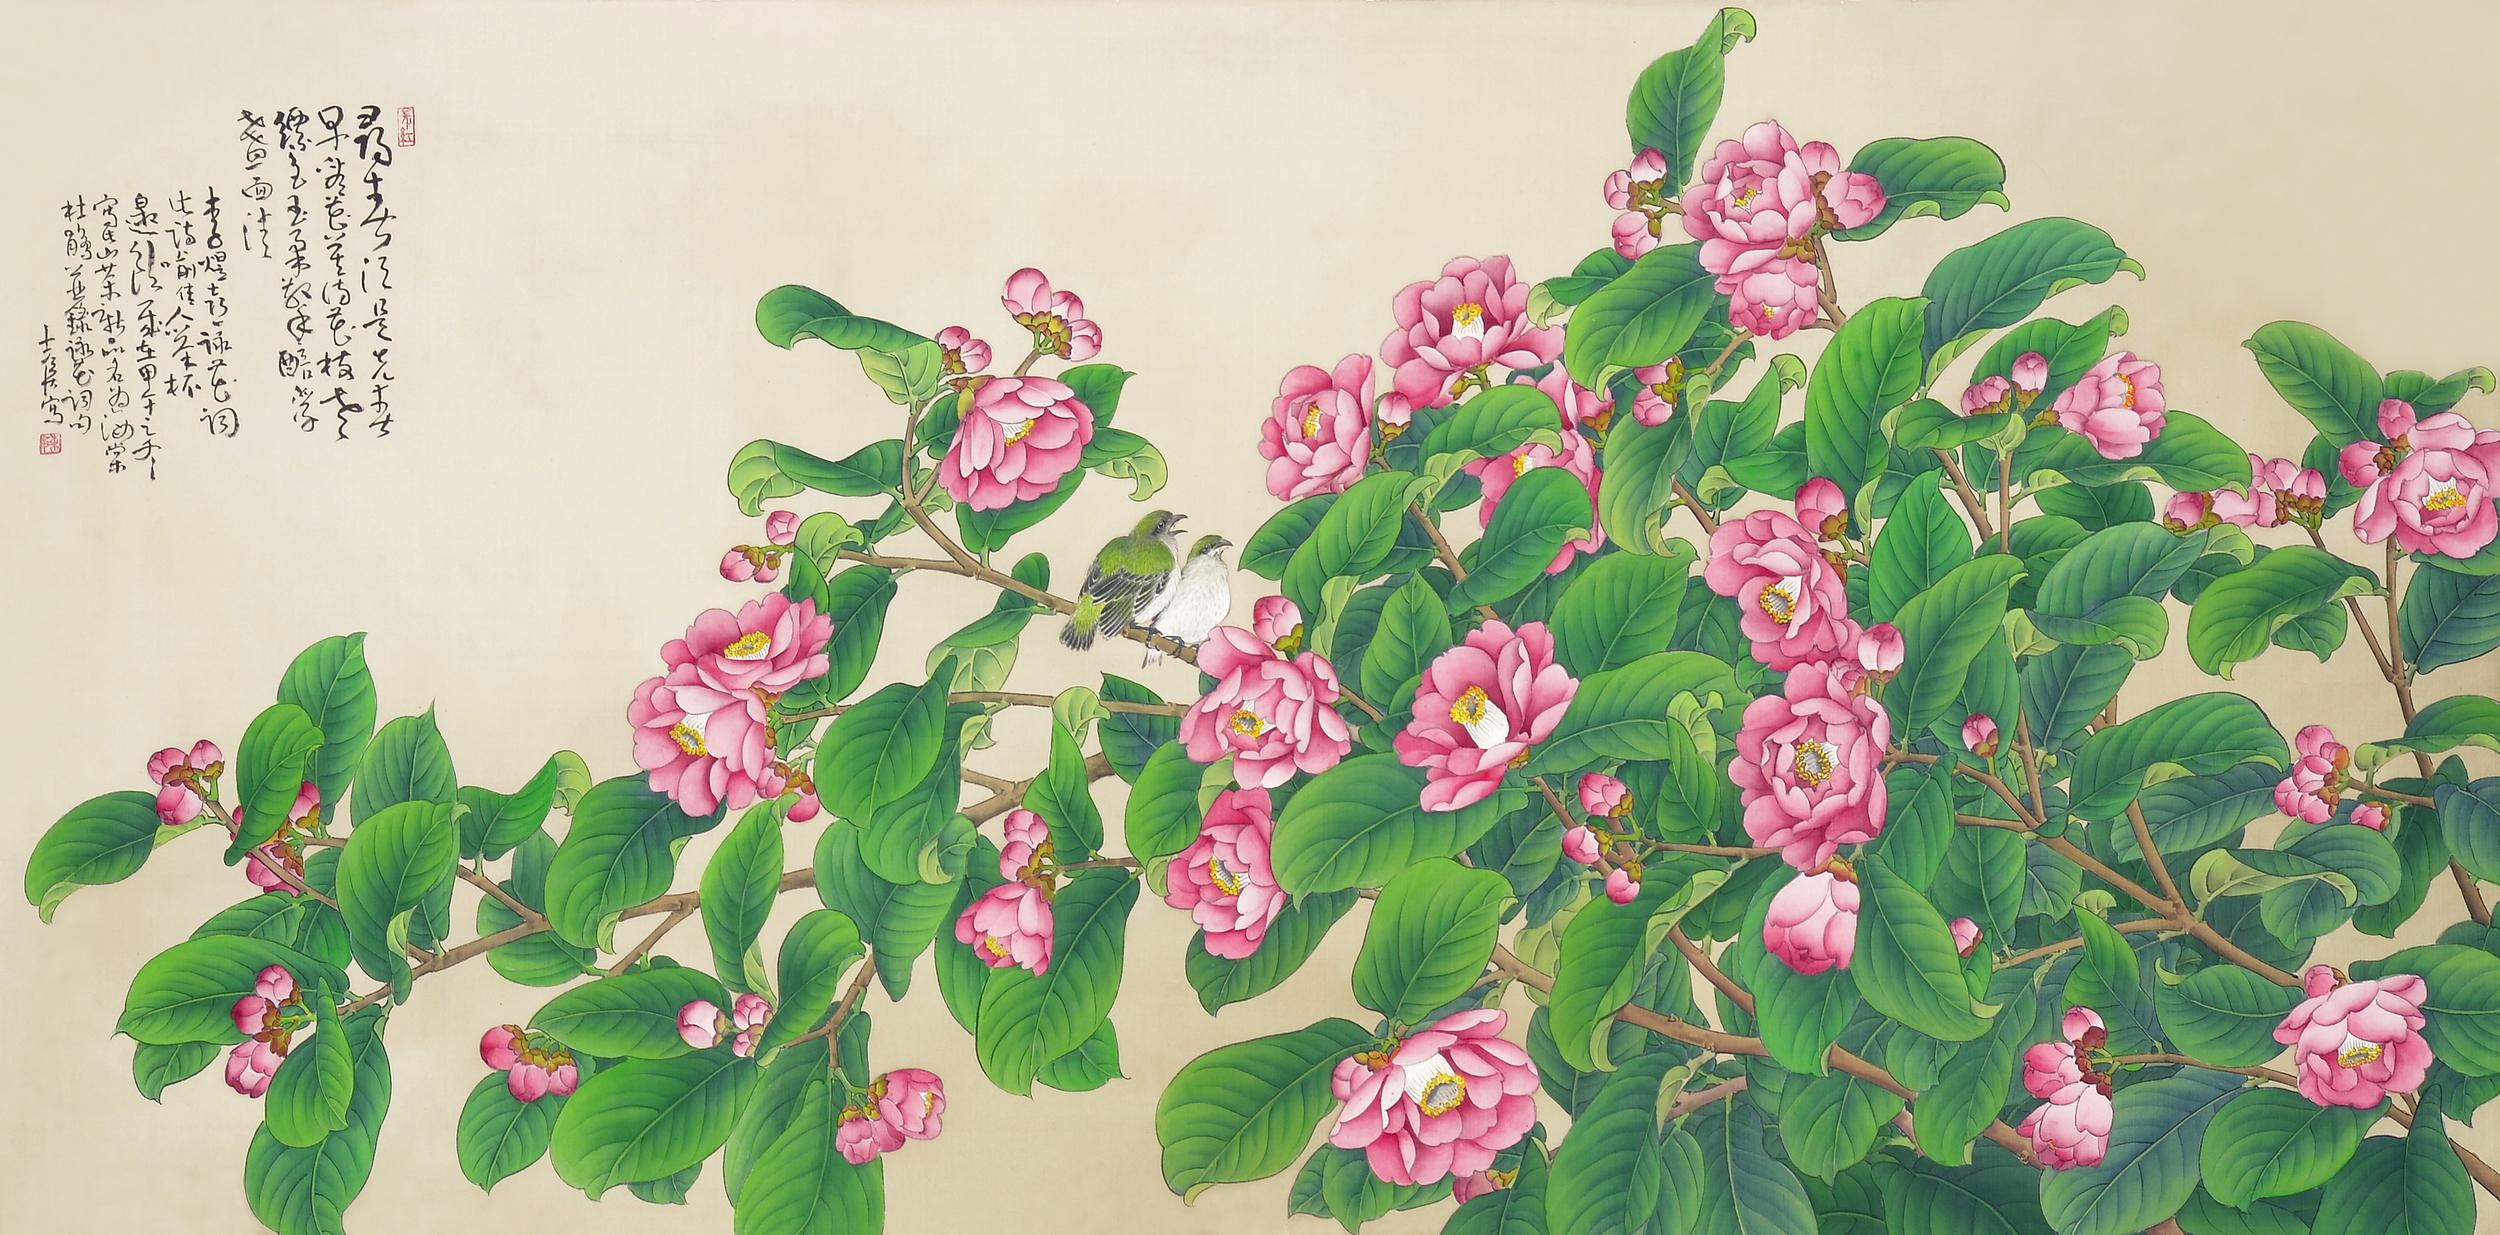 海棠杜鵑  65x135 cm  2014  水墨絹本